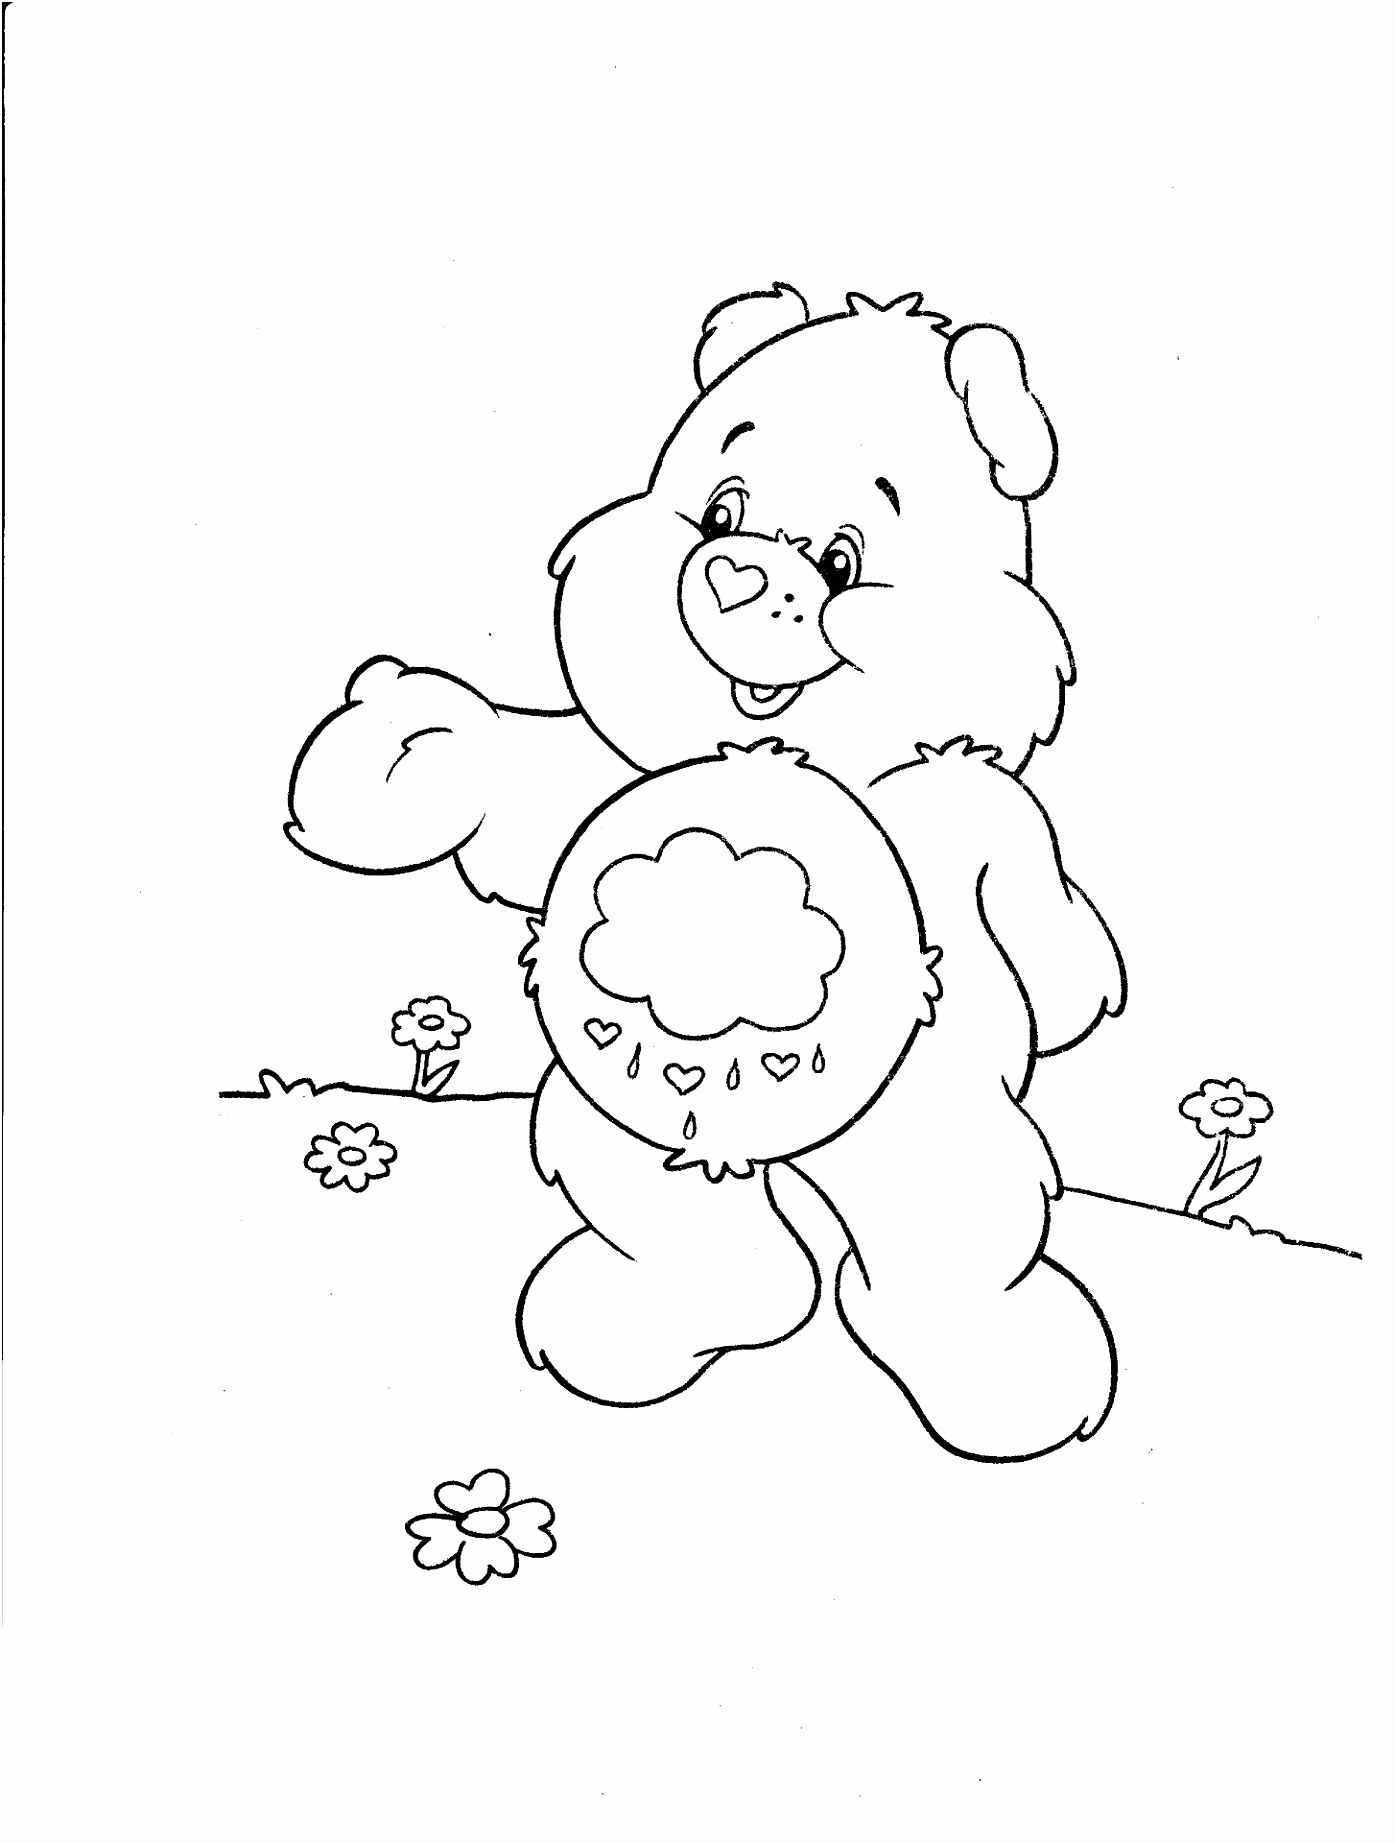 Teddybeer Kleurplaten Kinder Kleurplaten Altijdtekenen Nl Q0ys18hsu0 Esoav2blbm